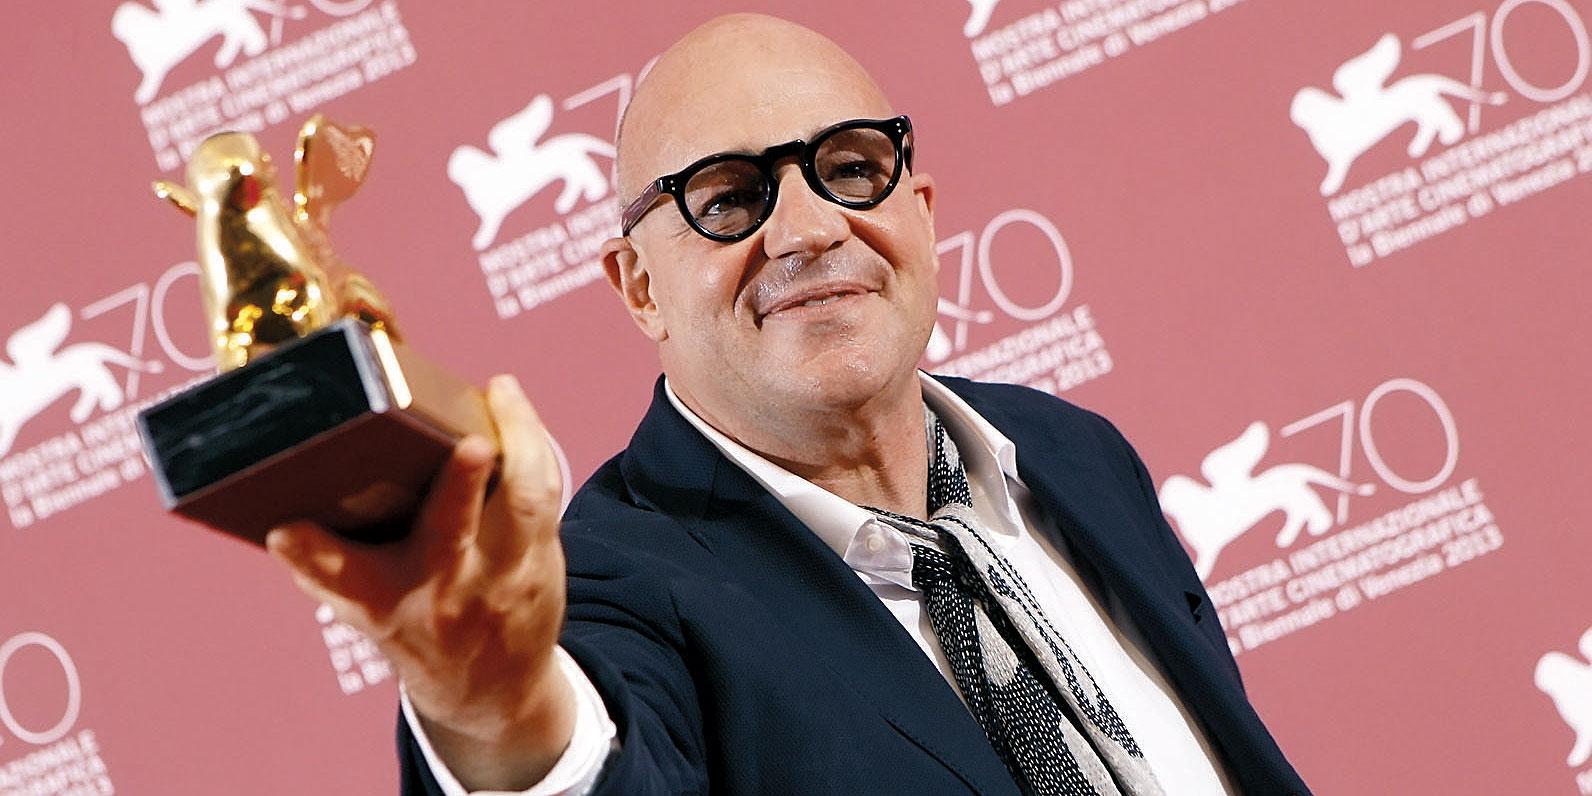 Gianfranco Rosi com o Leão de Ouro (photo by news.geliyoo.com)